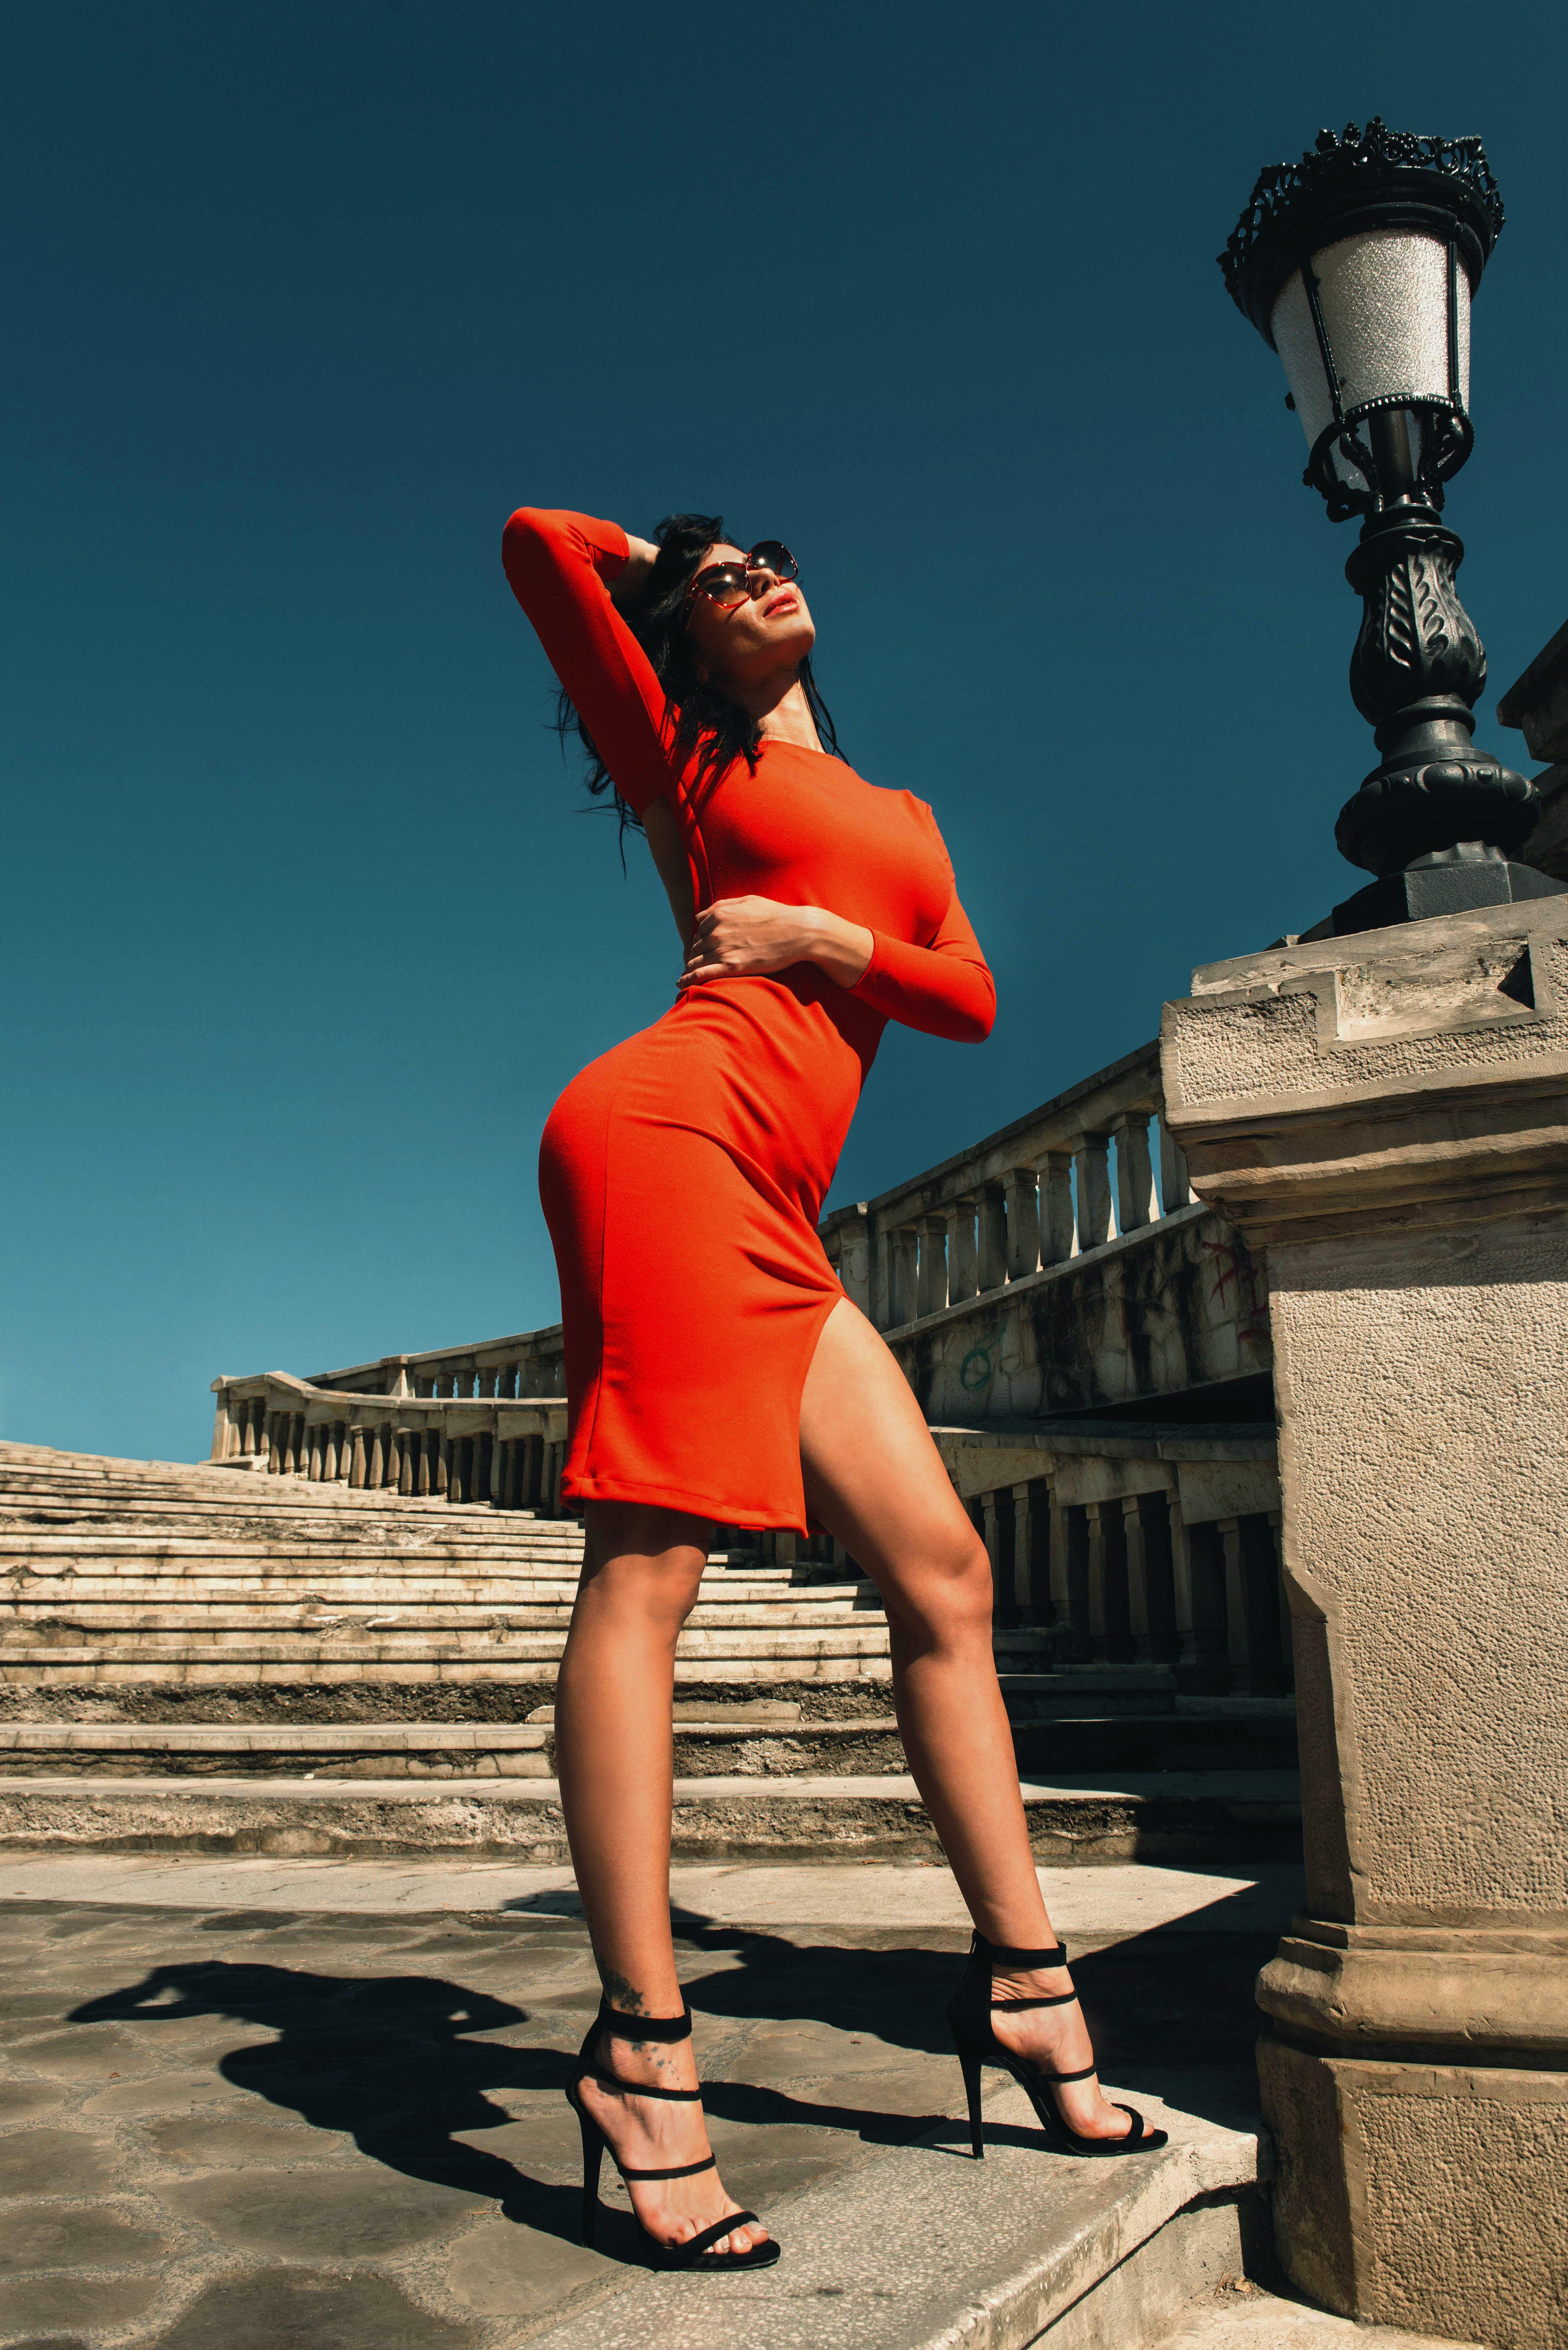 계단, 그림자, 드레스, 레저의 무료 스톡 사진